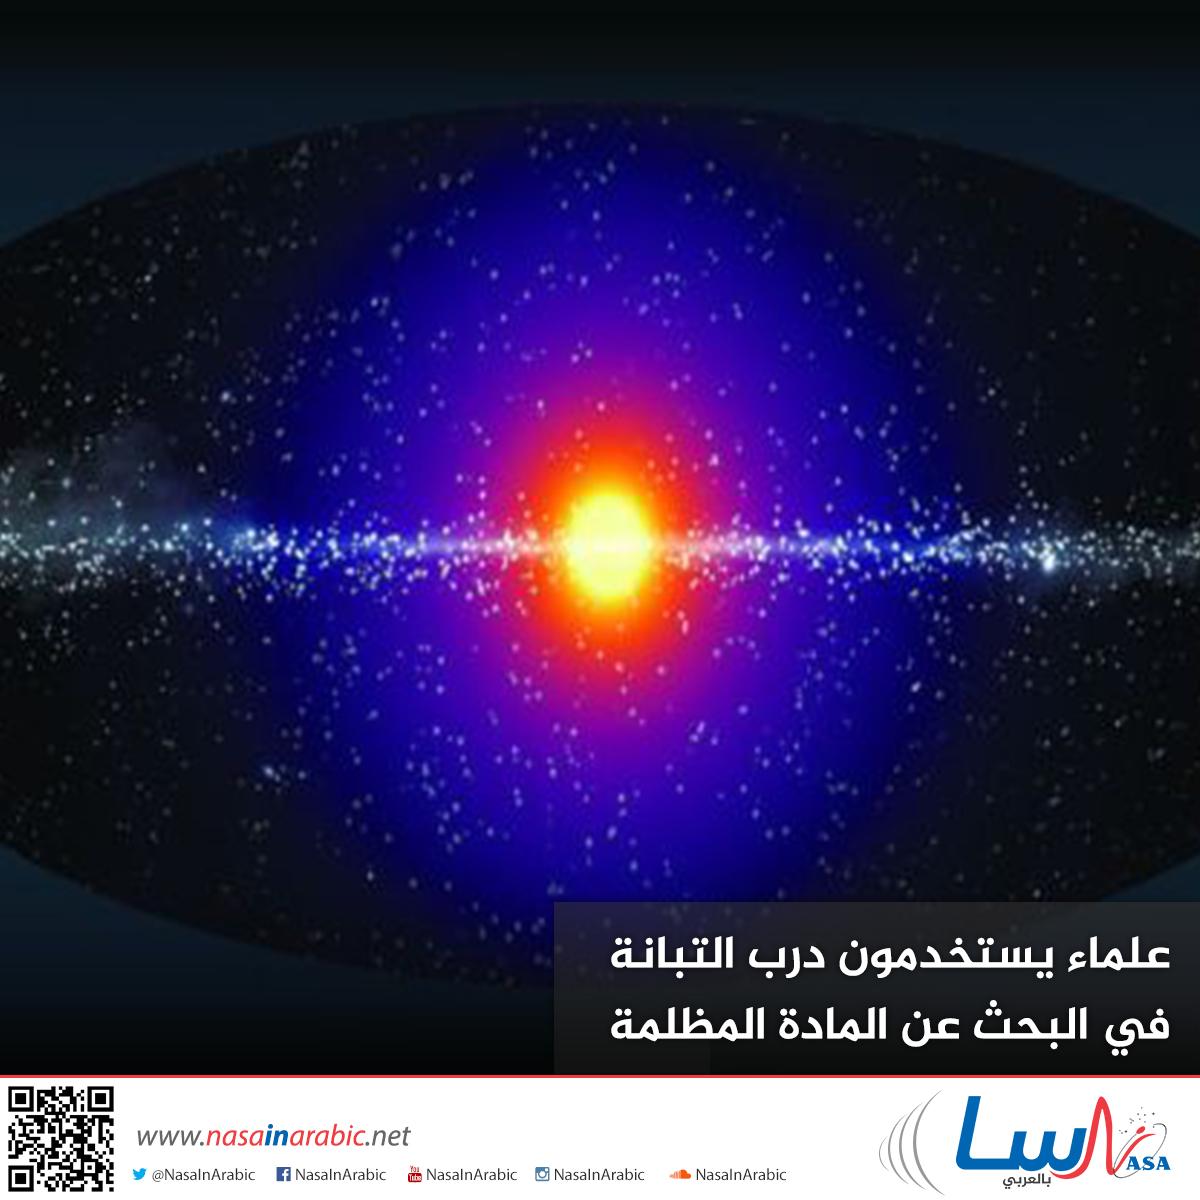 علماء يستخدمون درب التبانة في البحث عن المادة المظلمة